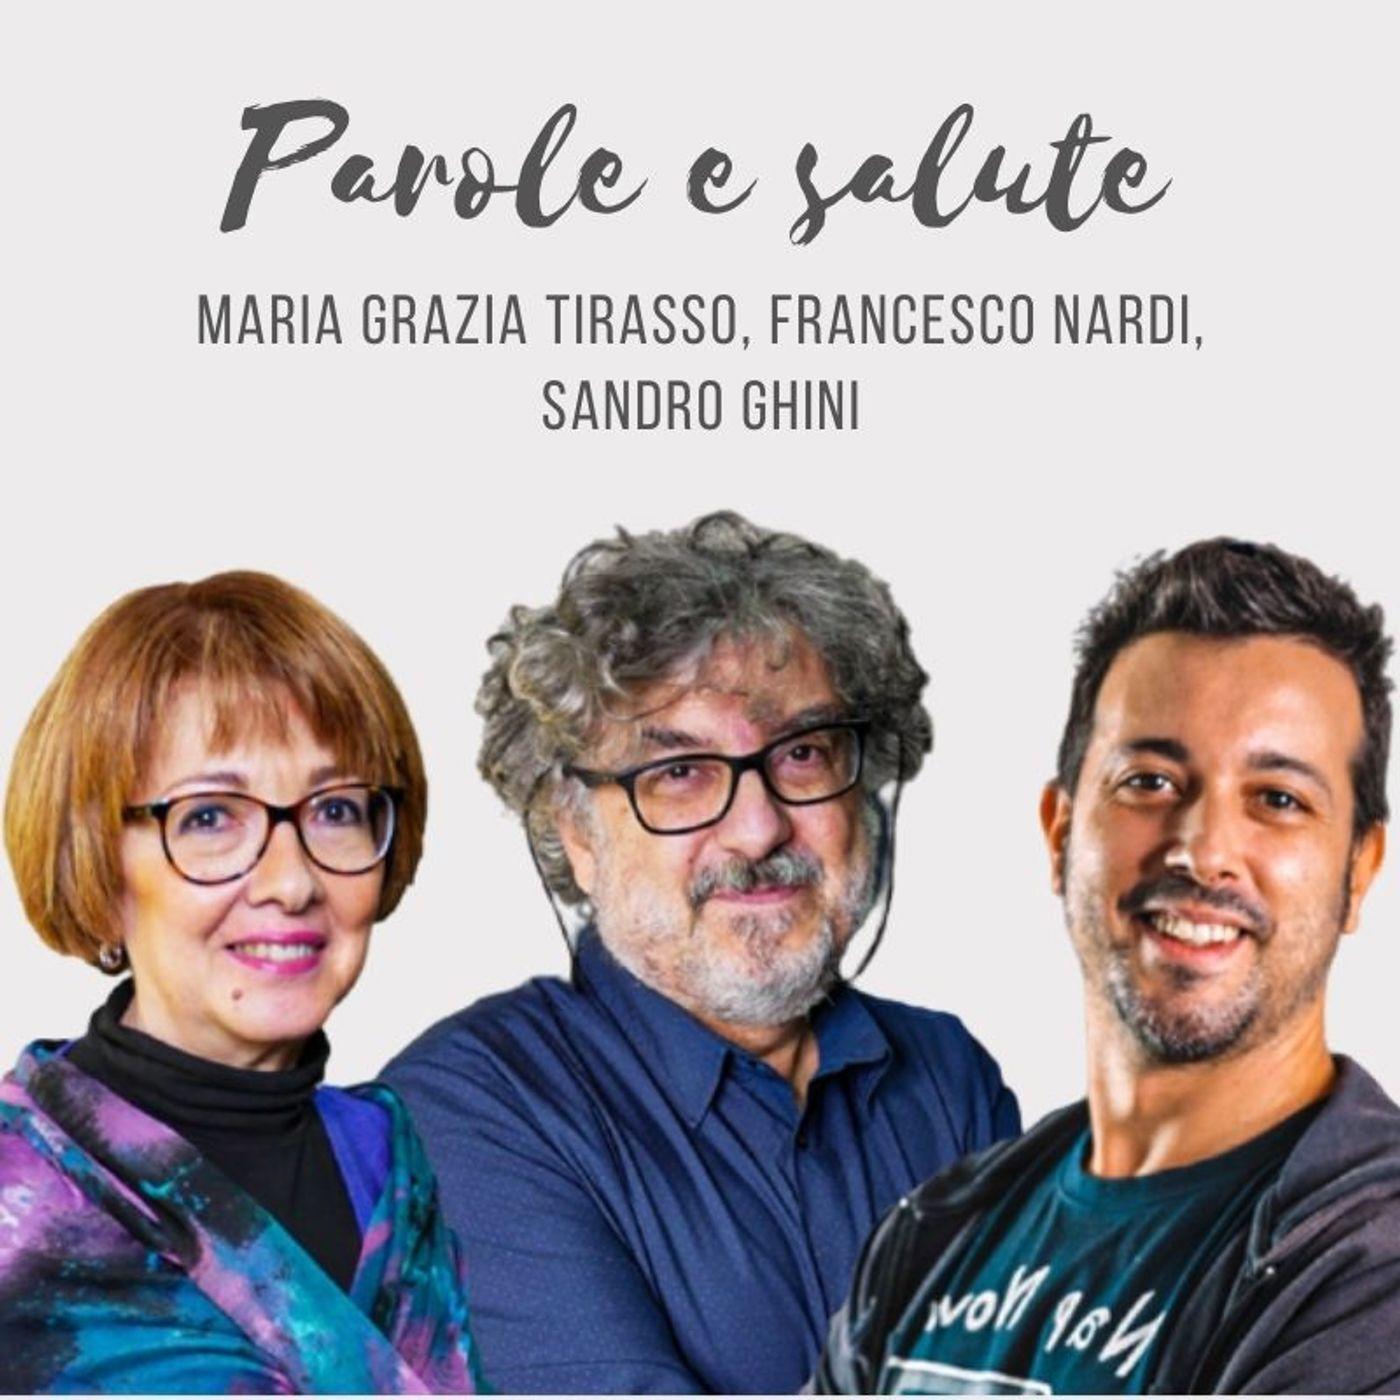 La voce e il suo potere - con Maria Grazia Tirasso, Francesco Nardi e Sandro Ghini [diretta live]